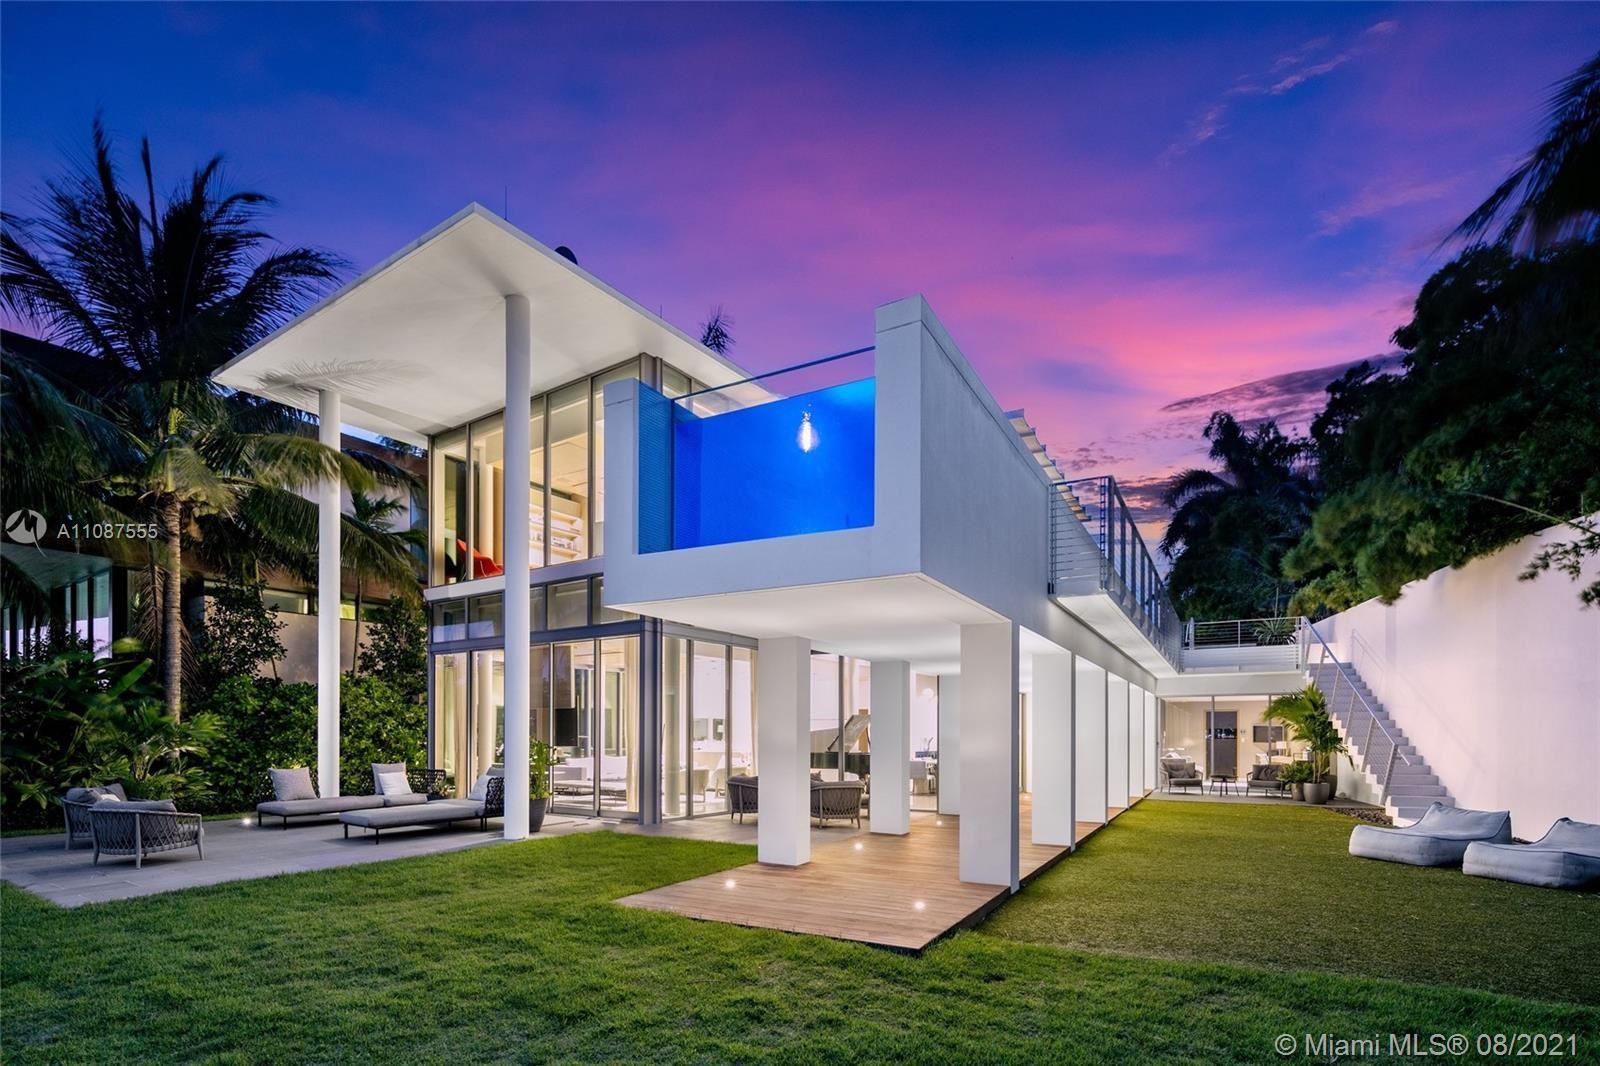 21 E San Marino Dr, Miami Beach, FL 33139 - #: A11087555